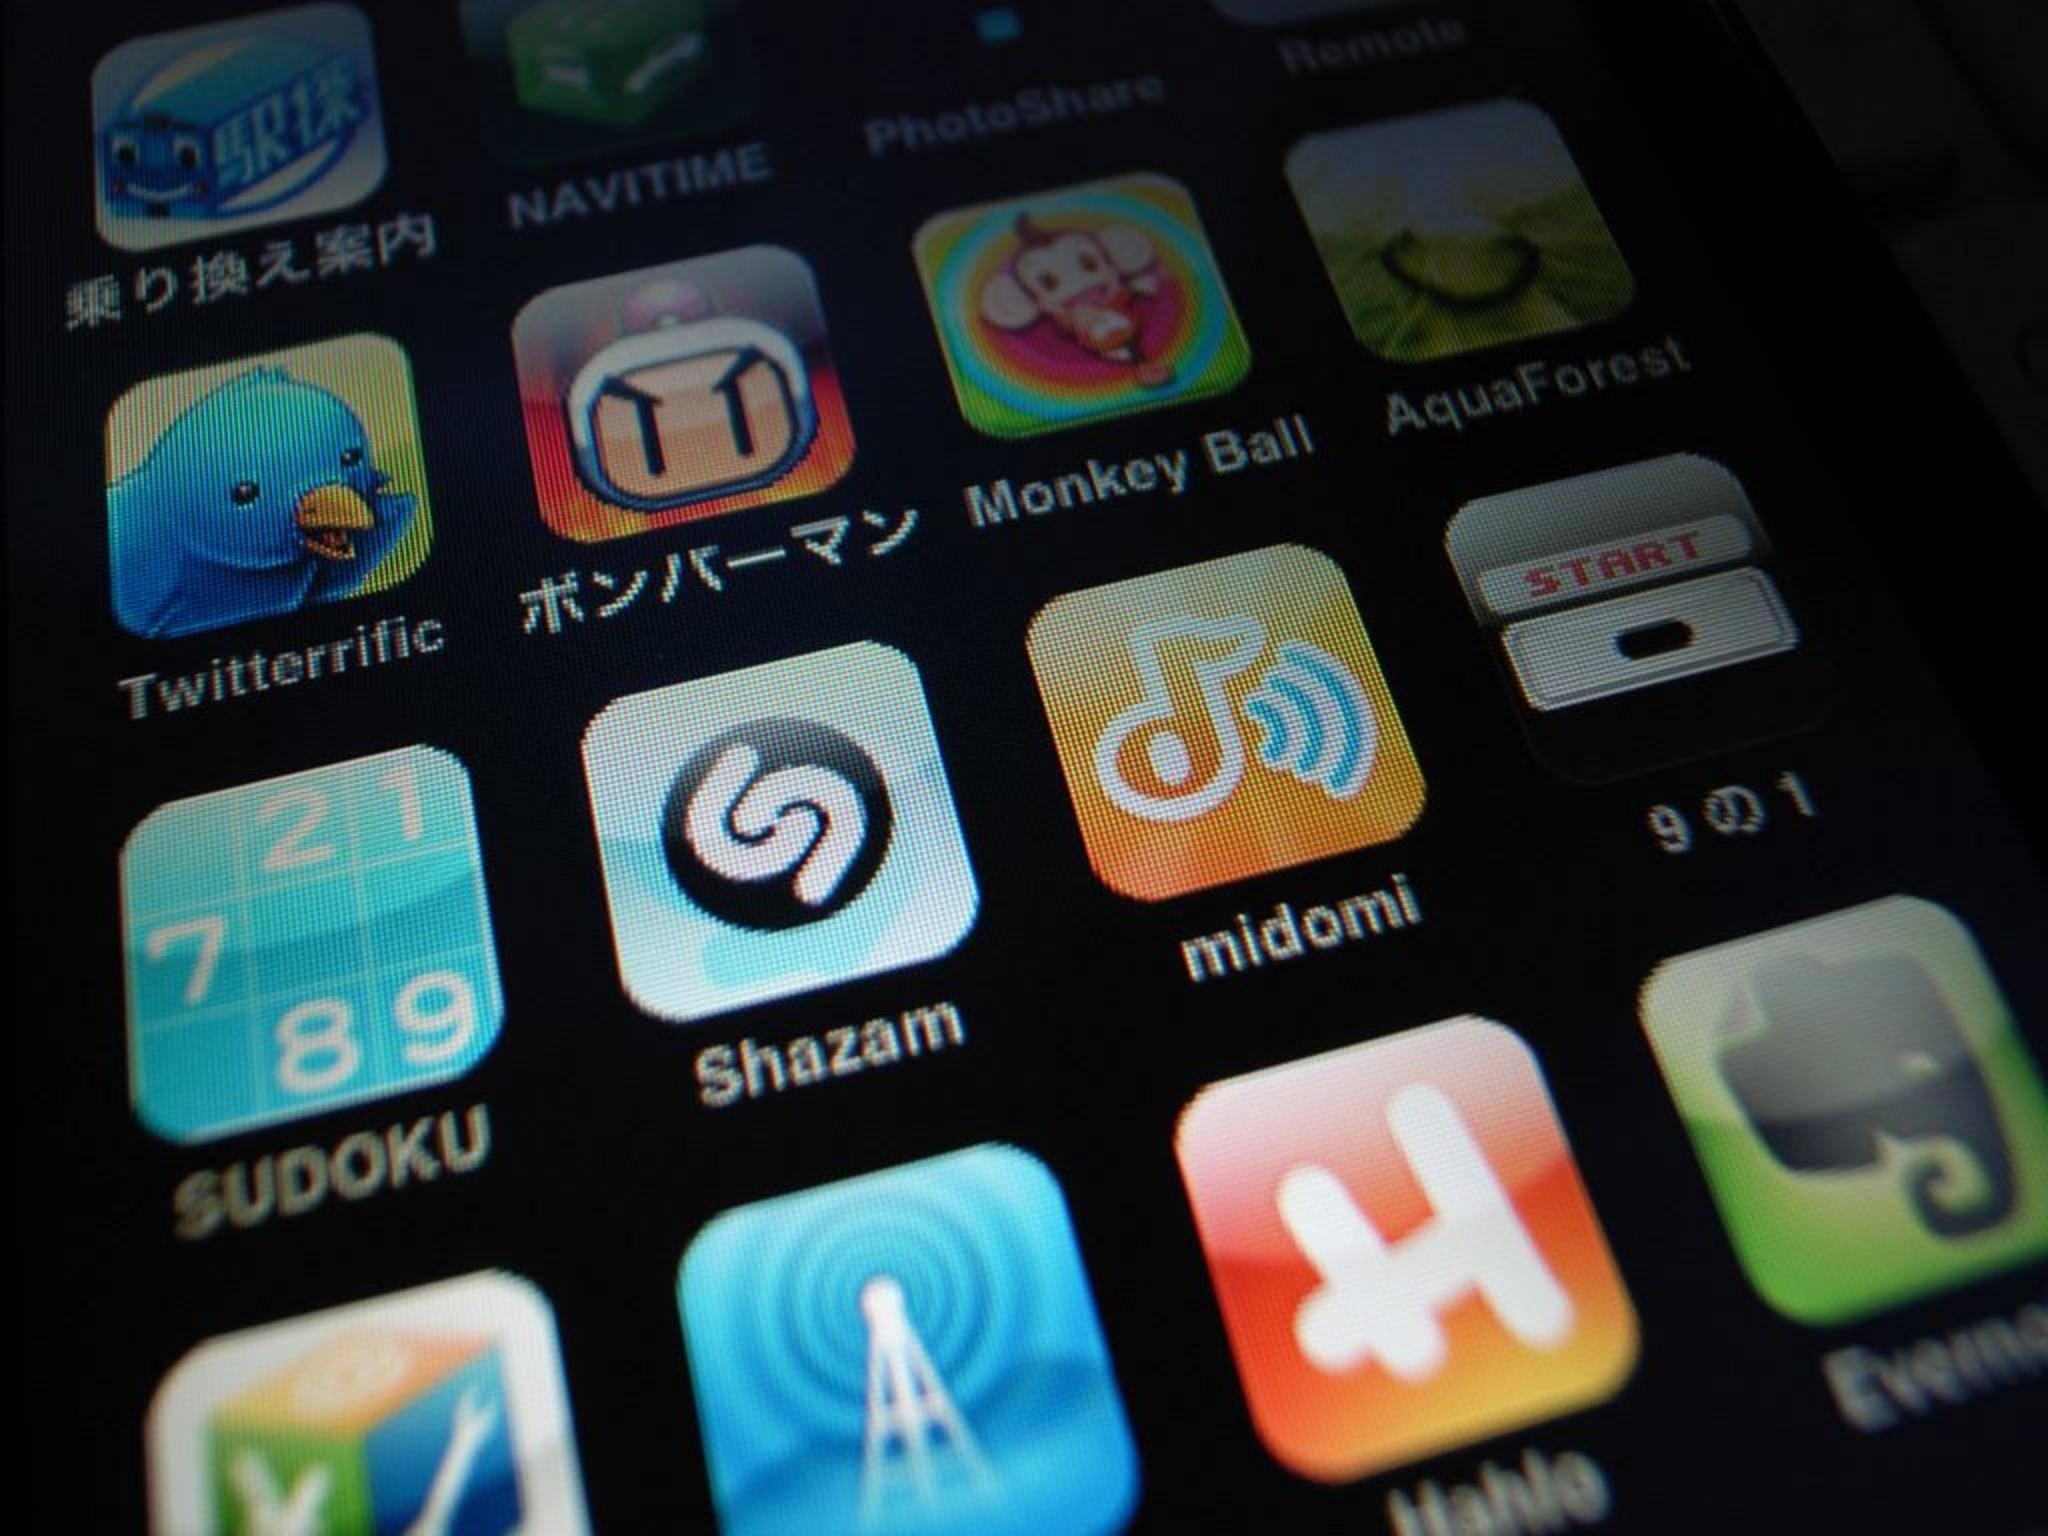 Shazam möchte mit einer neuen App auch Produkte identifizieren.